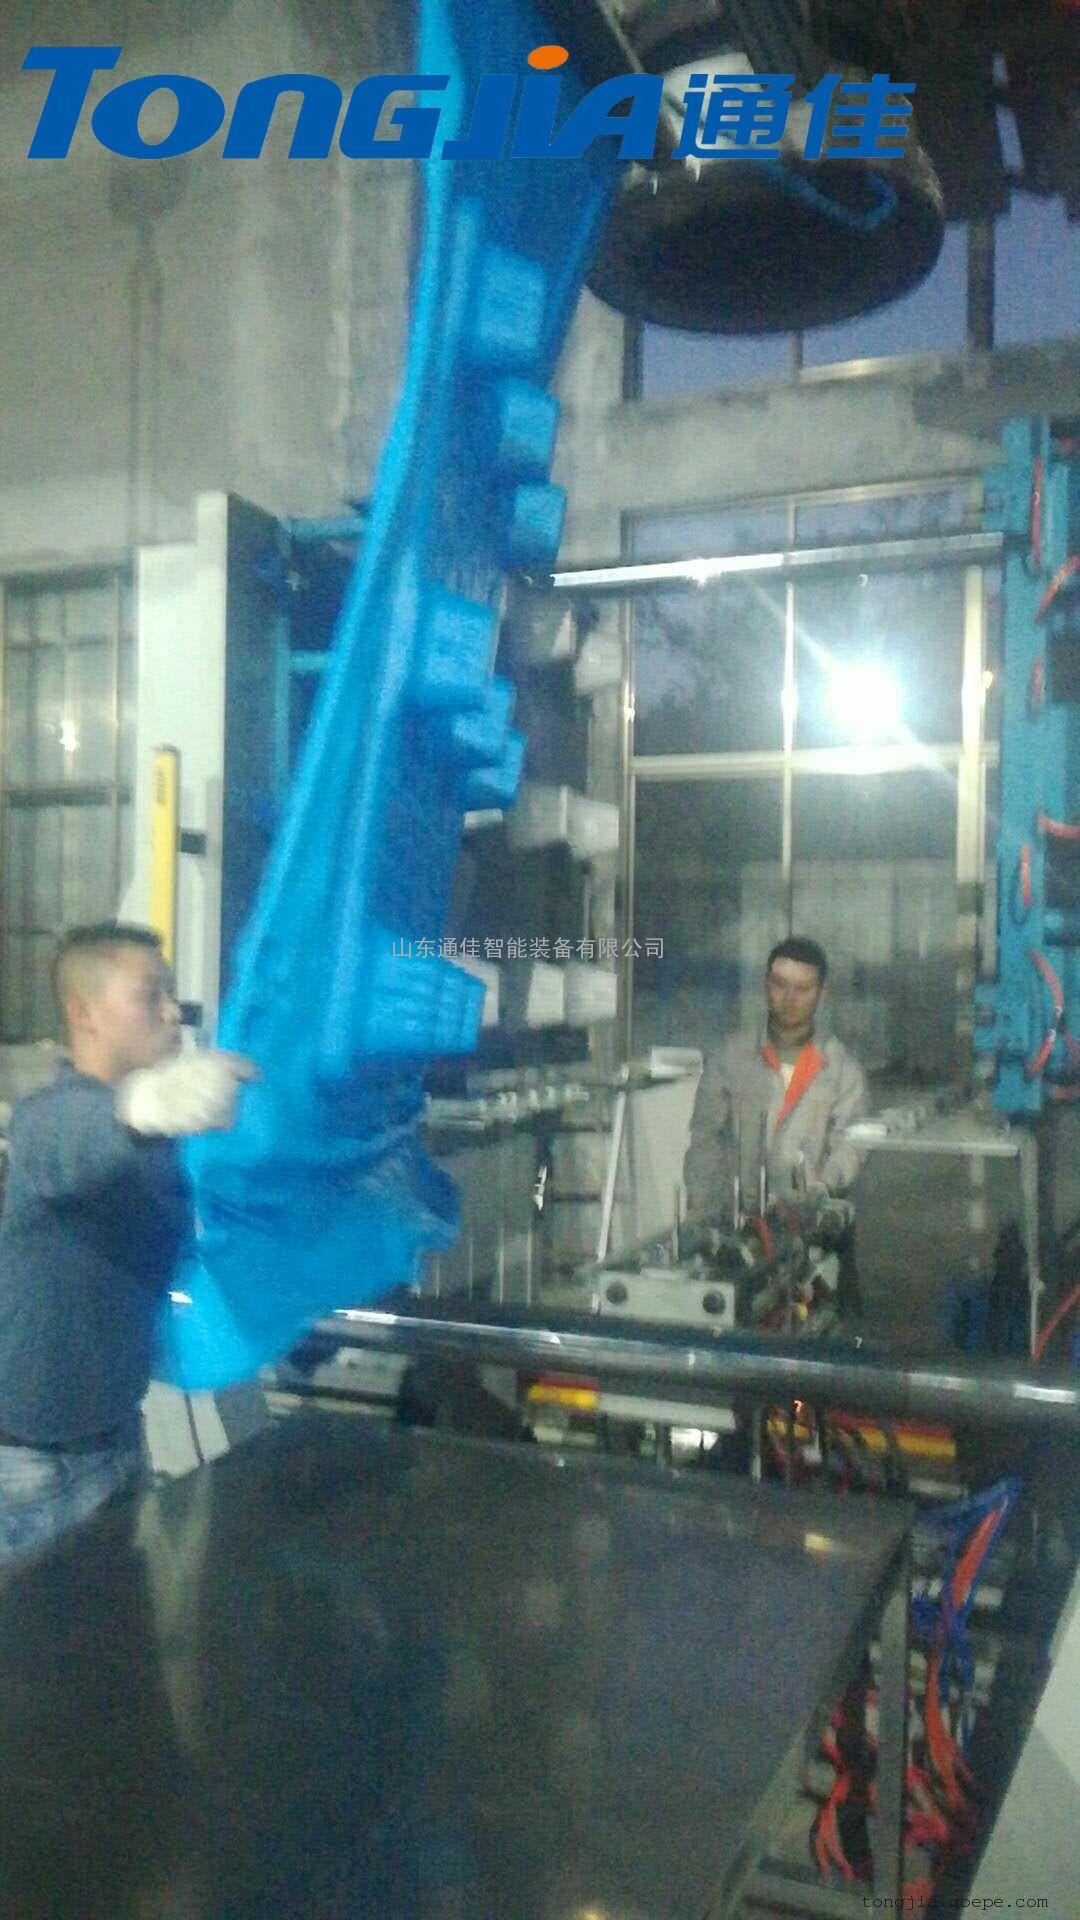 塑料托盘生产设备 九角托盘生产机器 吹塑机